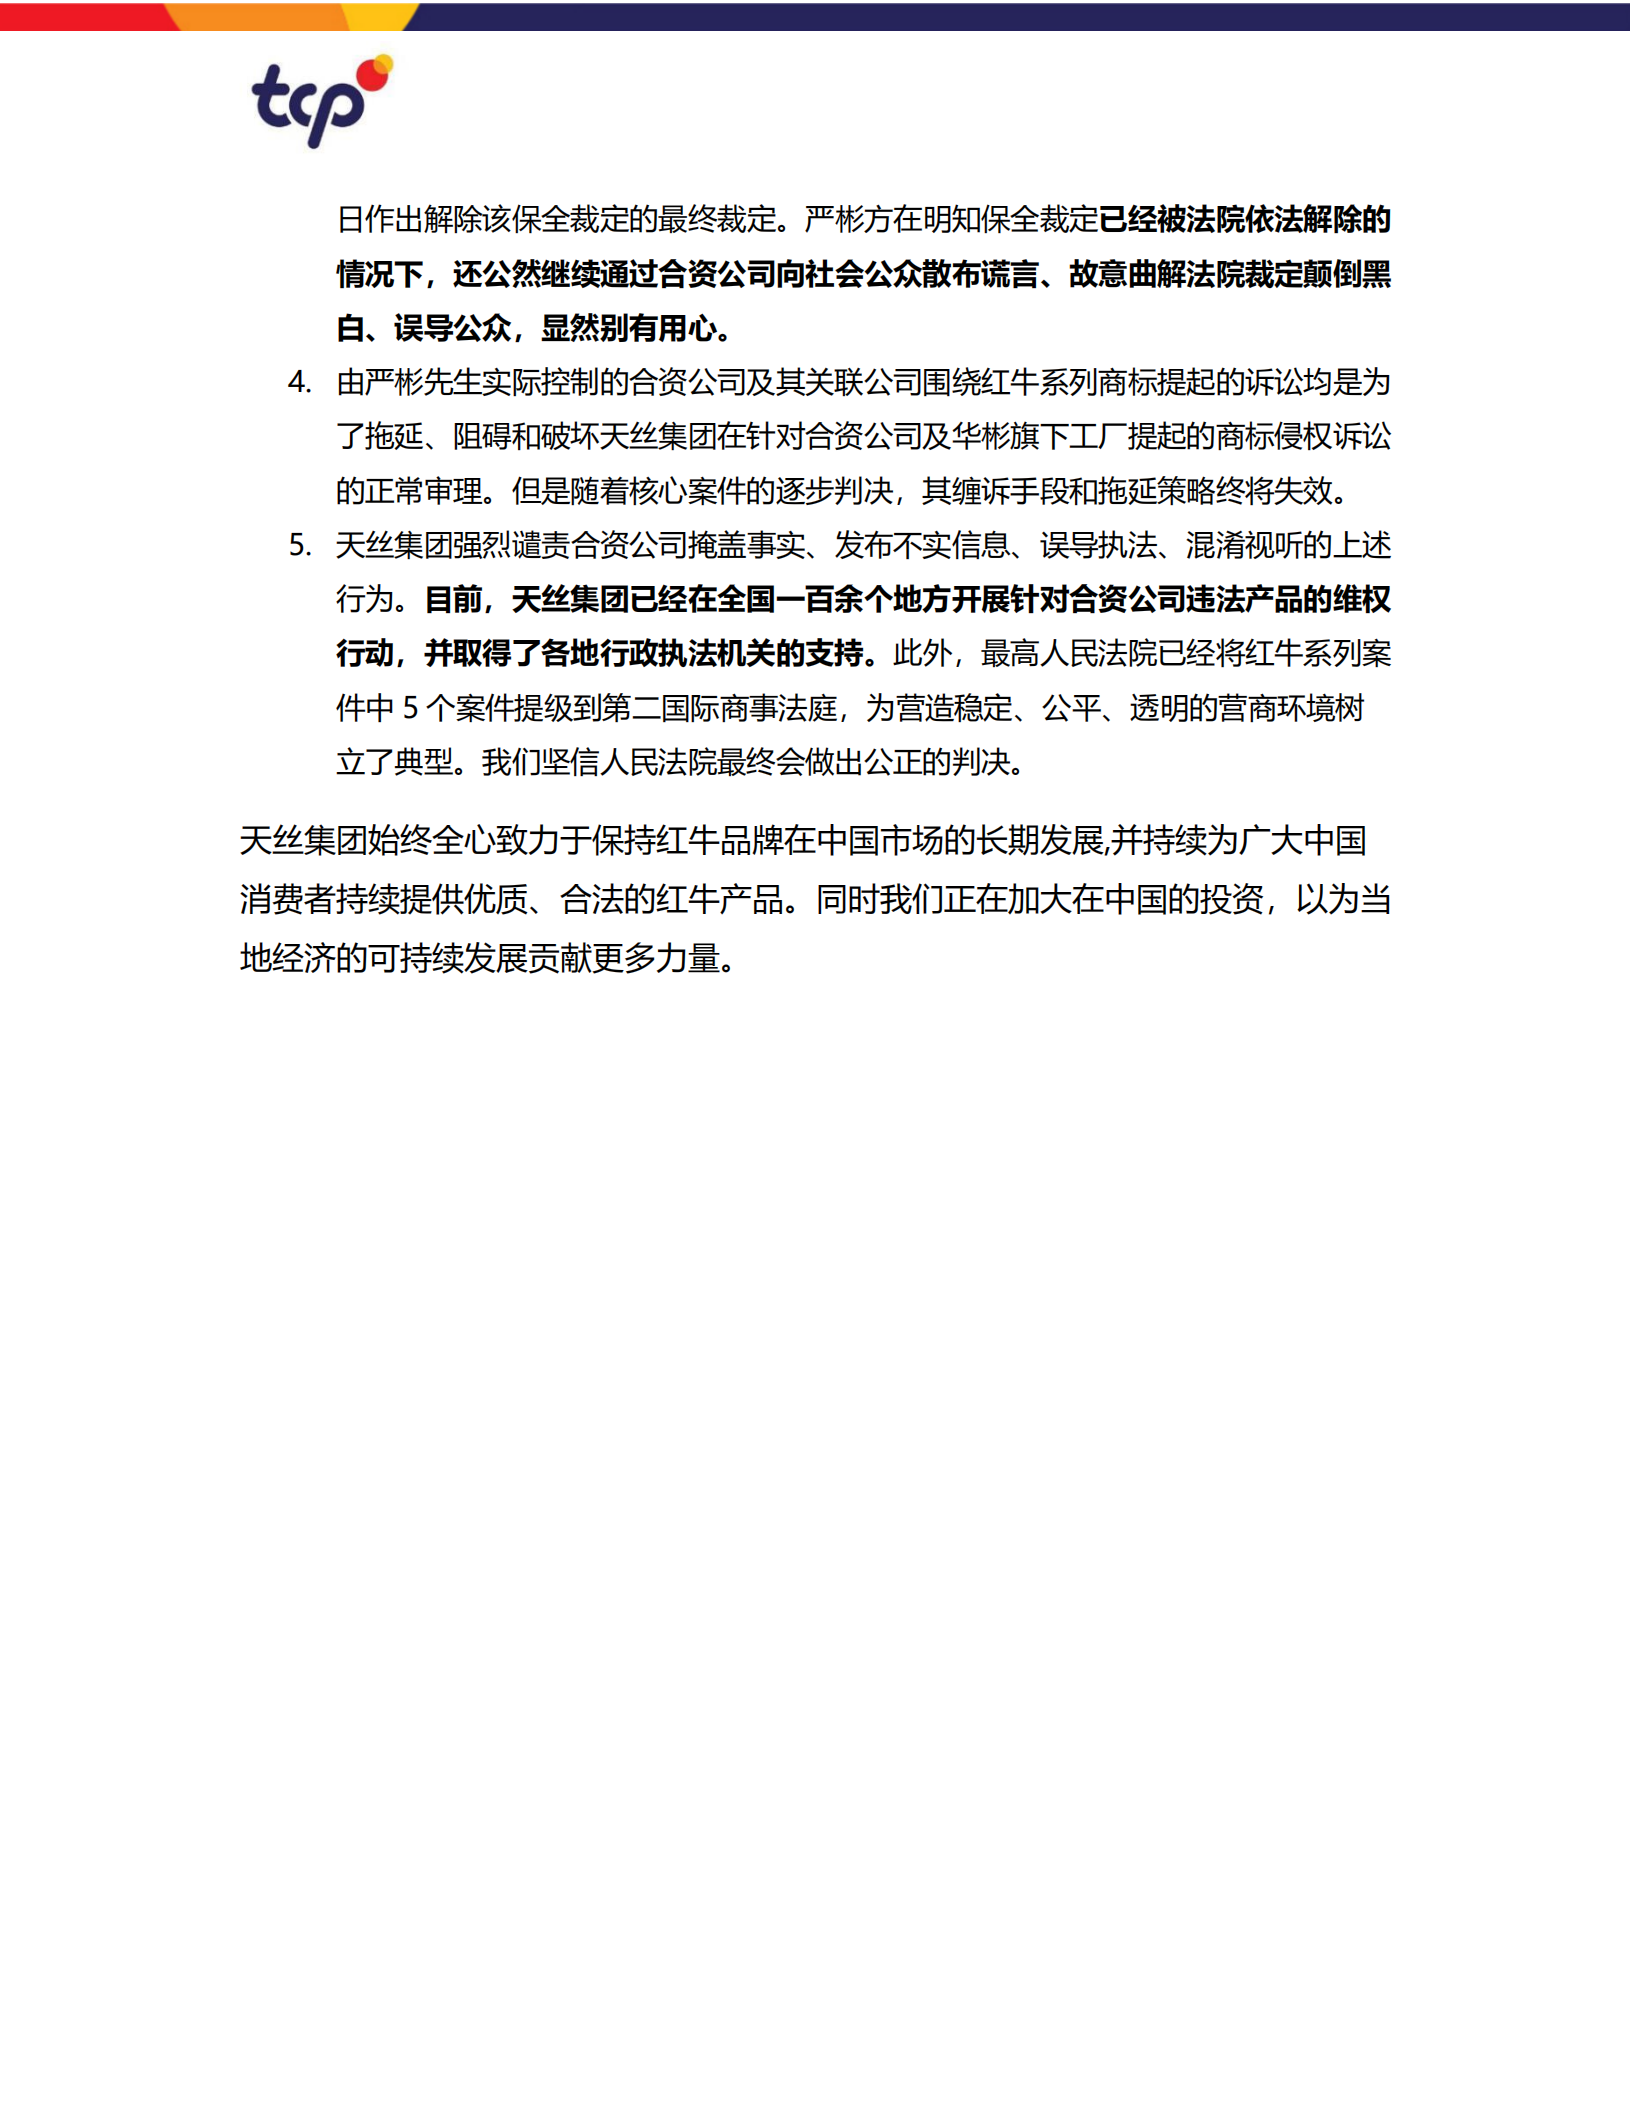 天丝集团声明:强烈谴责严彬方利用合资公司发布不实声明混淆视听并从事不法经营